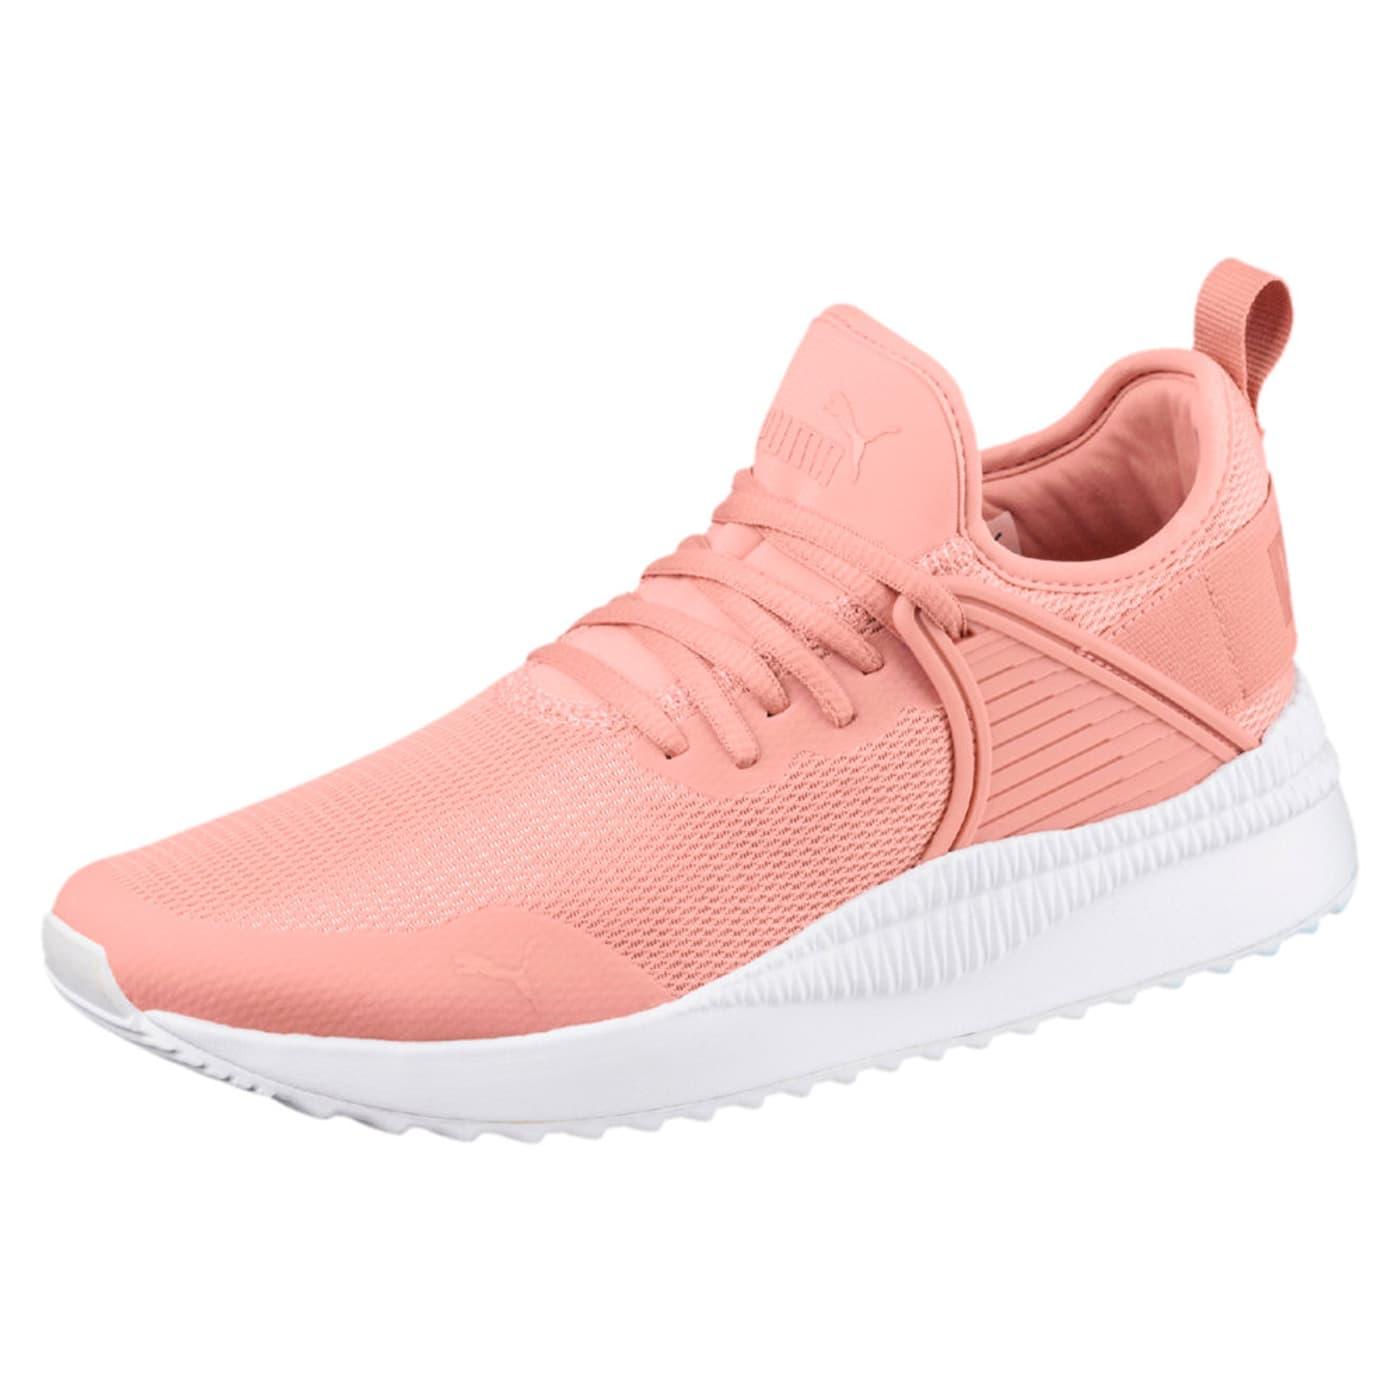 a89658cfeeb46 Puma Pacer Next Cage Chaussures de loisirs pour femme ...